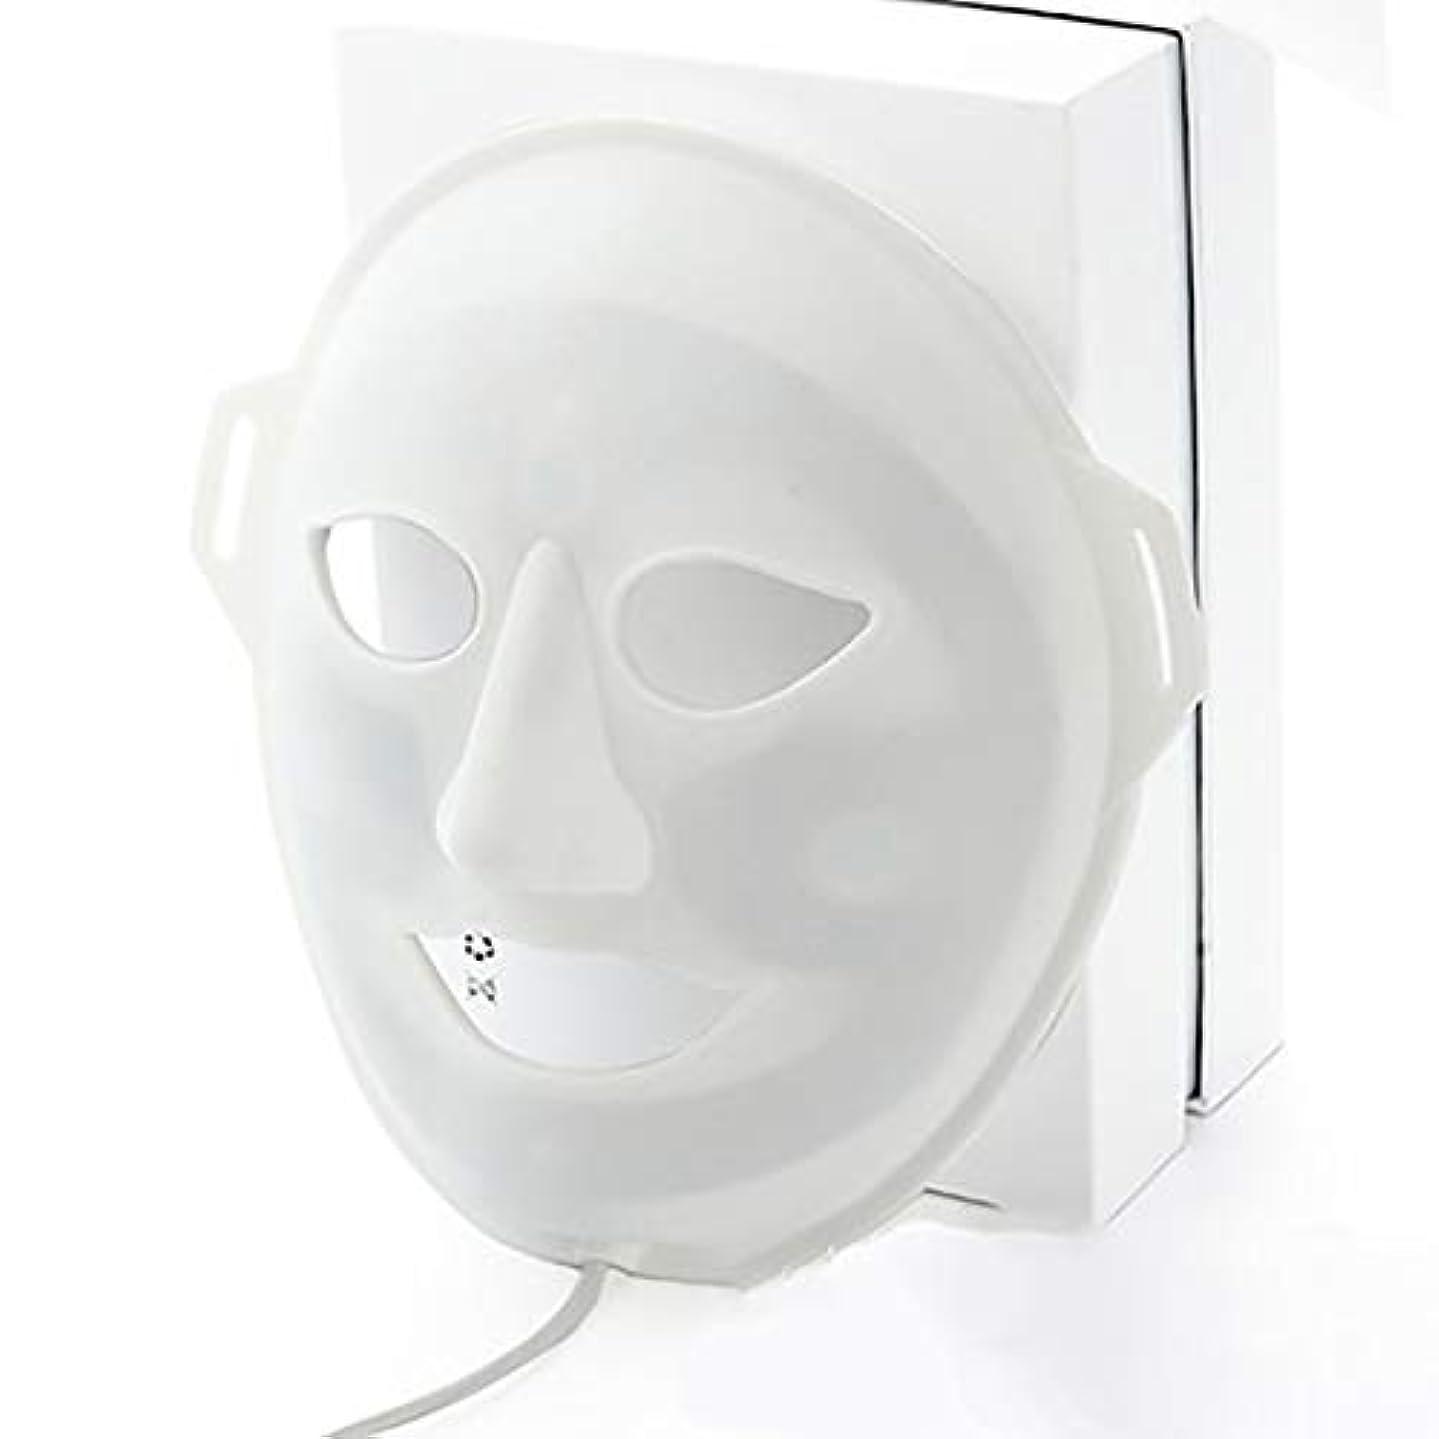 前文学生自宅でLED光子美容マスク、抗にきびしわ除去療法、保湿輝く顔色ホワイトニングマスク